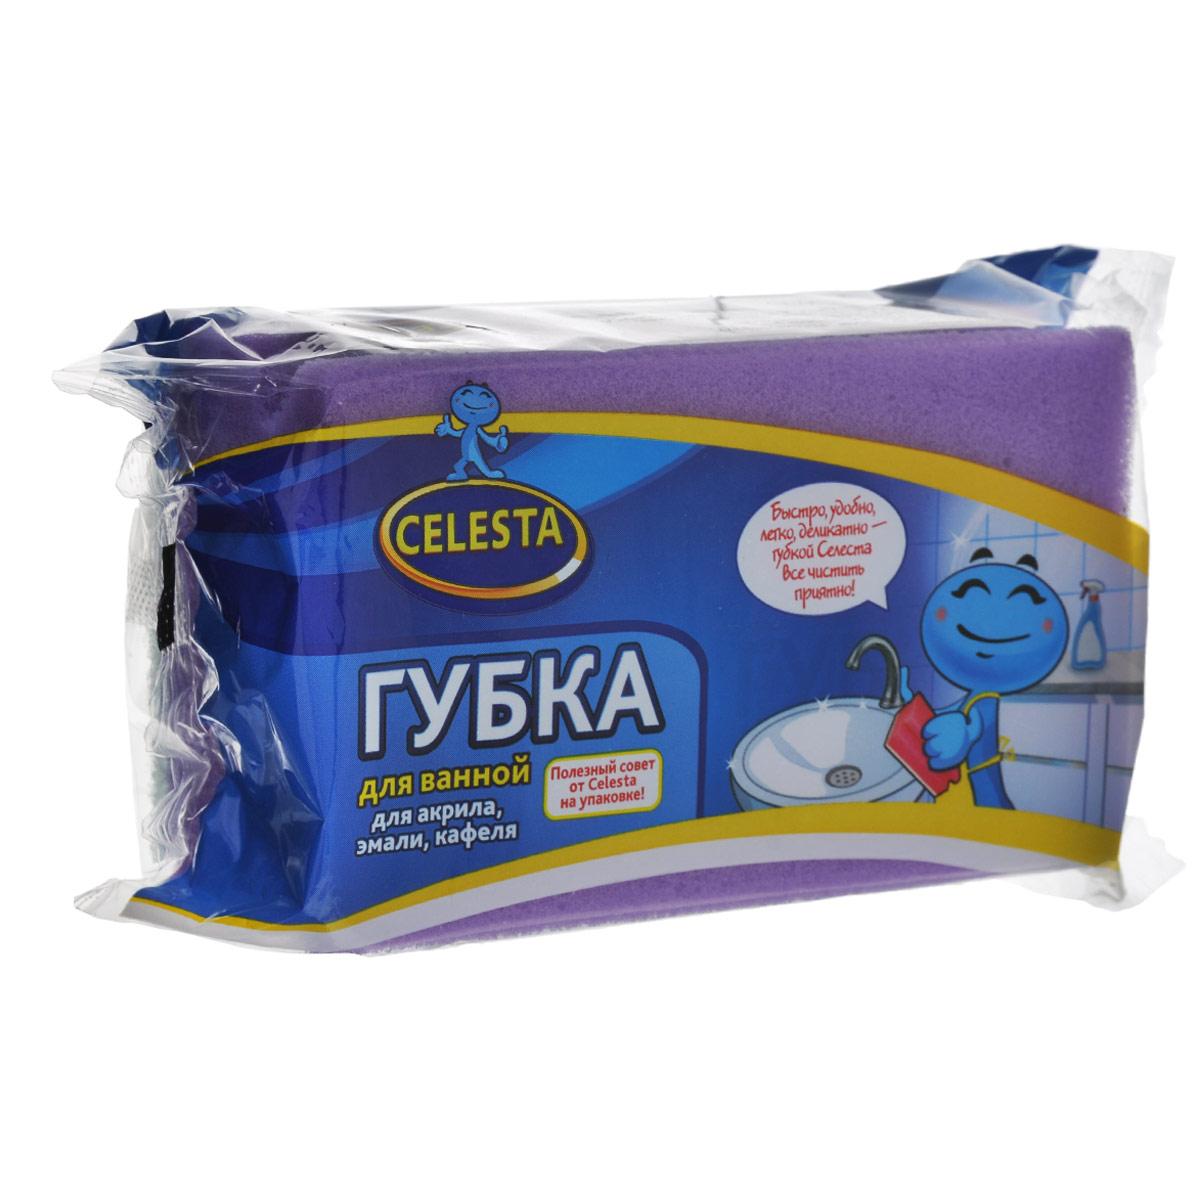 Губка для мытья ванной Celesta, цвет: фиолетовый4499 фиолетовыйГубка для ванной Celesta, изготовленная из поролона и фибры, бережно и чисто поможет помыть ванну из акрила, эмали, кафеля. Жесткий слой легко справляется с сильными загрязнениями.